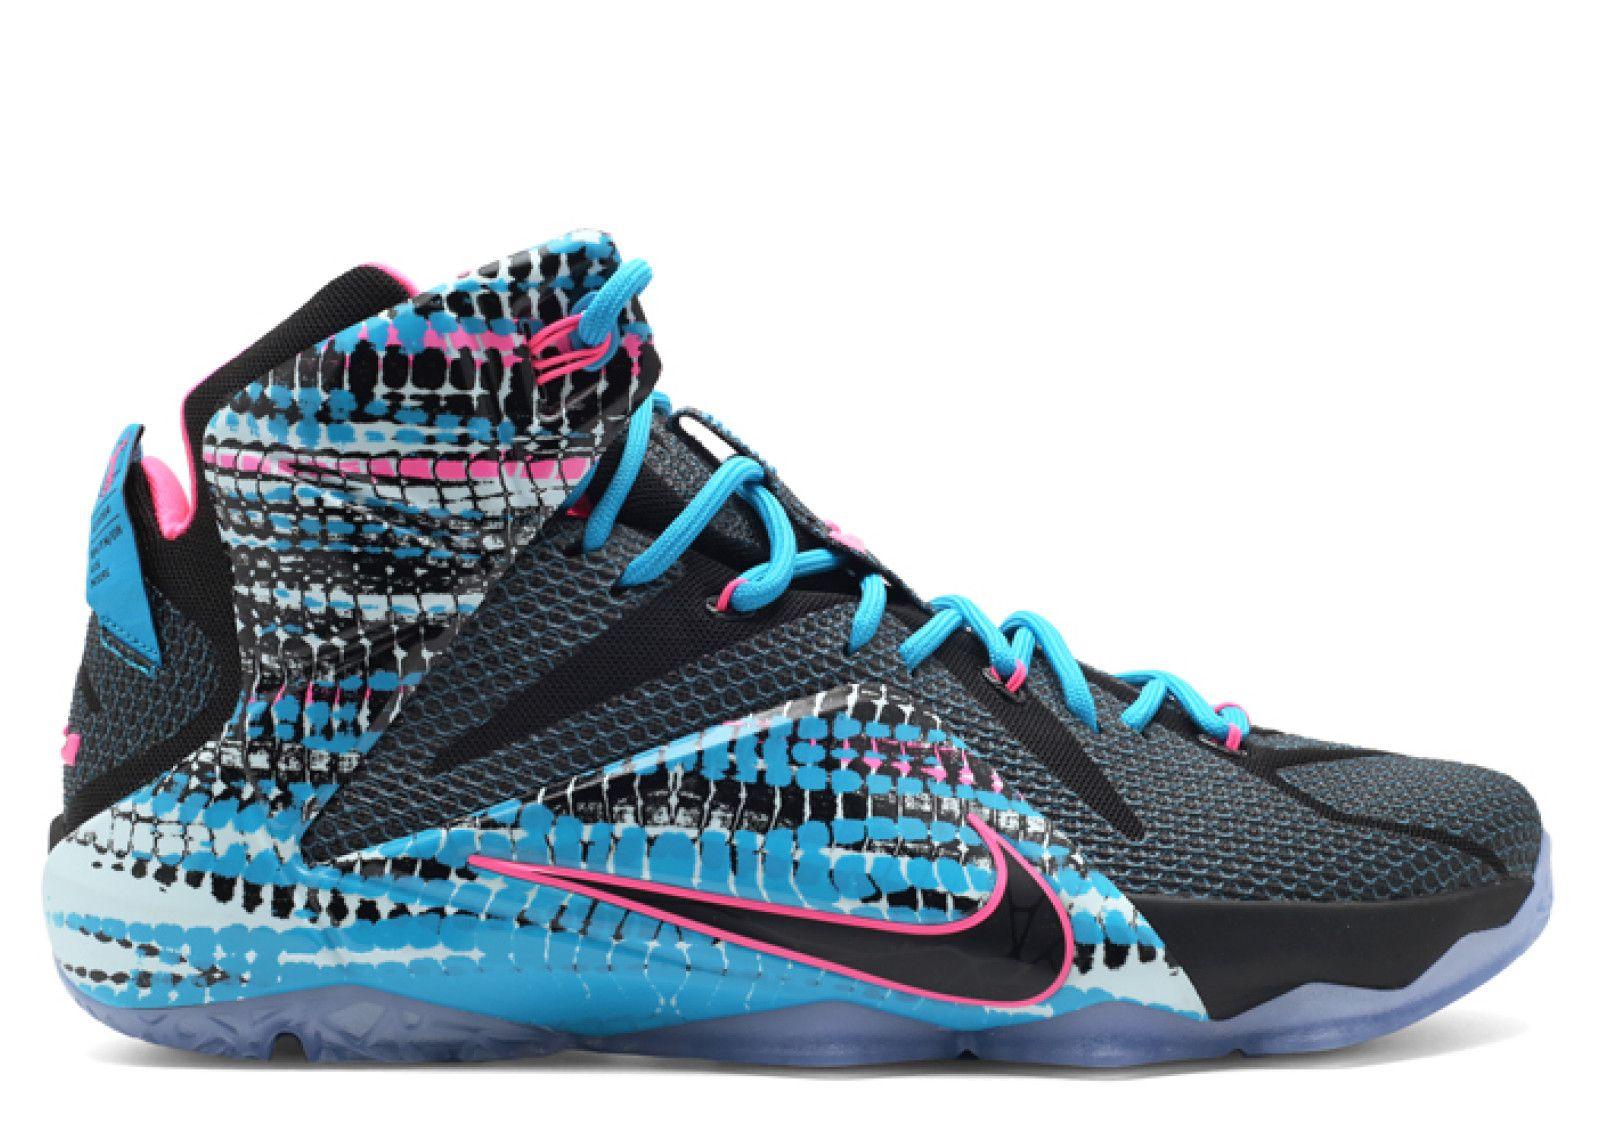 nike 2018 lebron x11 chromosomes blue basketball shoes